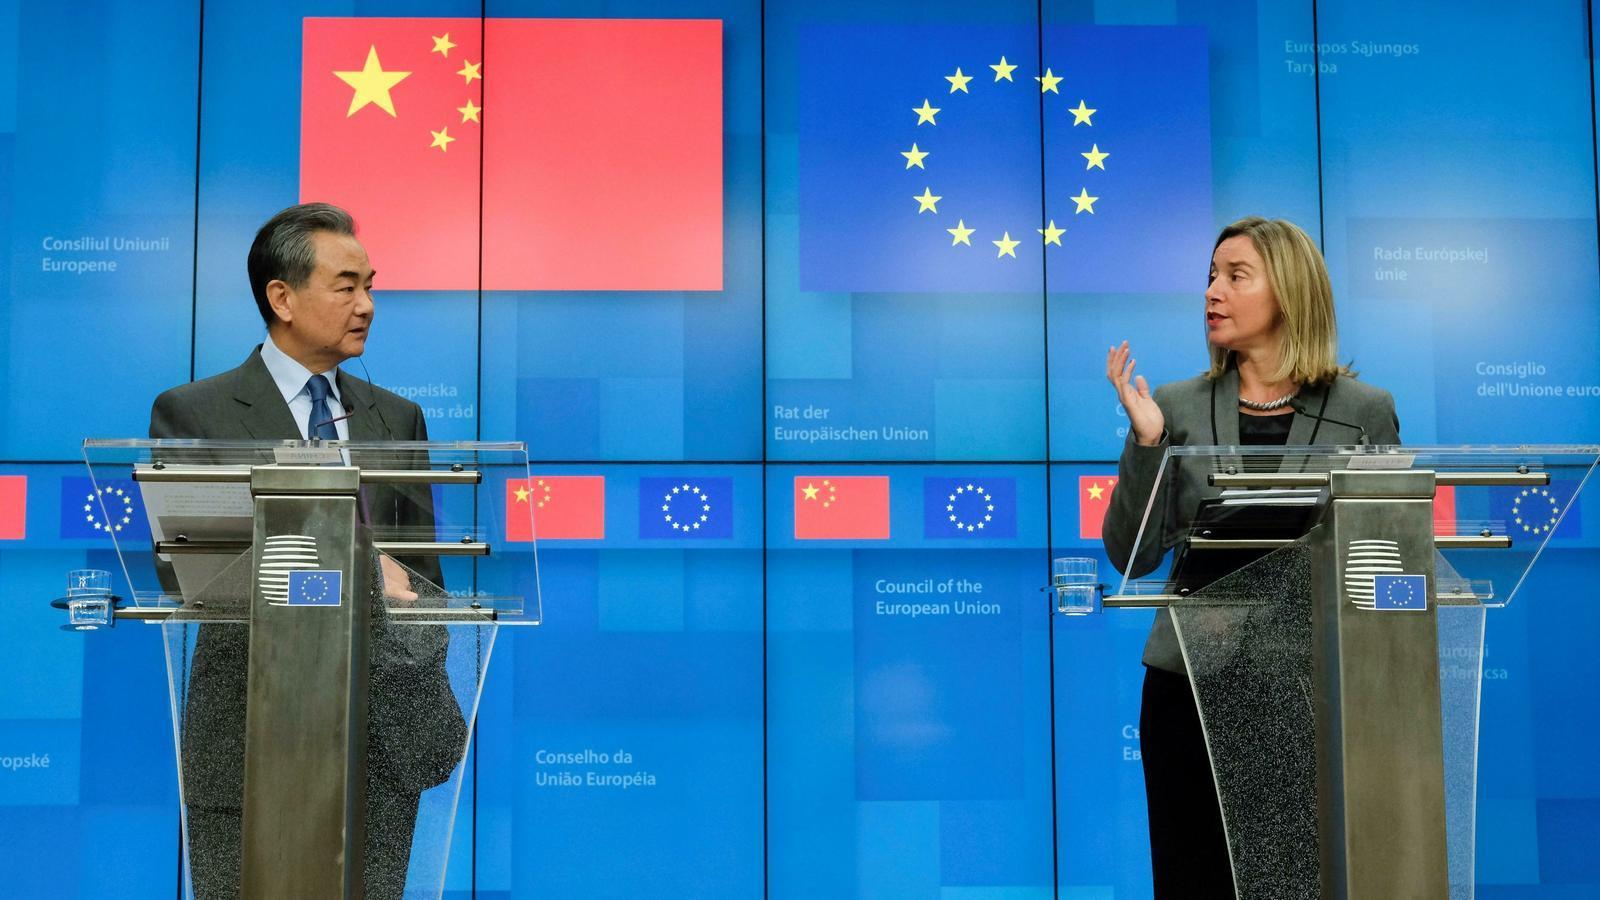 Europa es posa en alerta davant dels riscos de l'expansió econòmica de la Xina